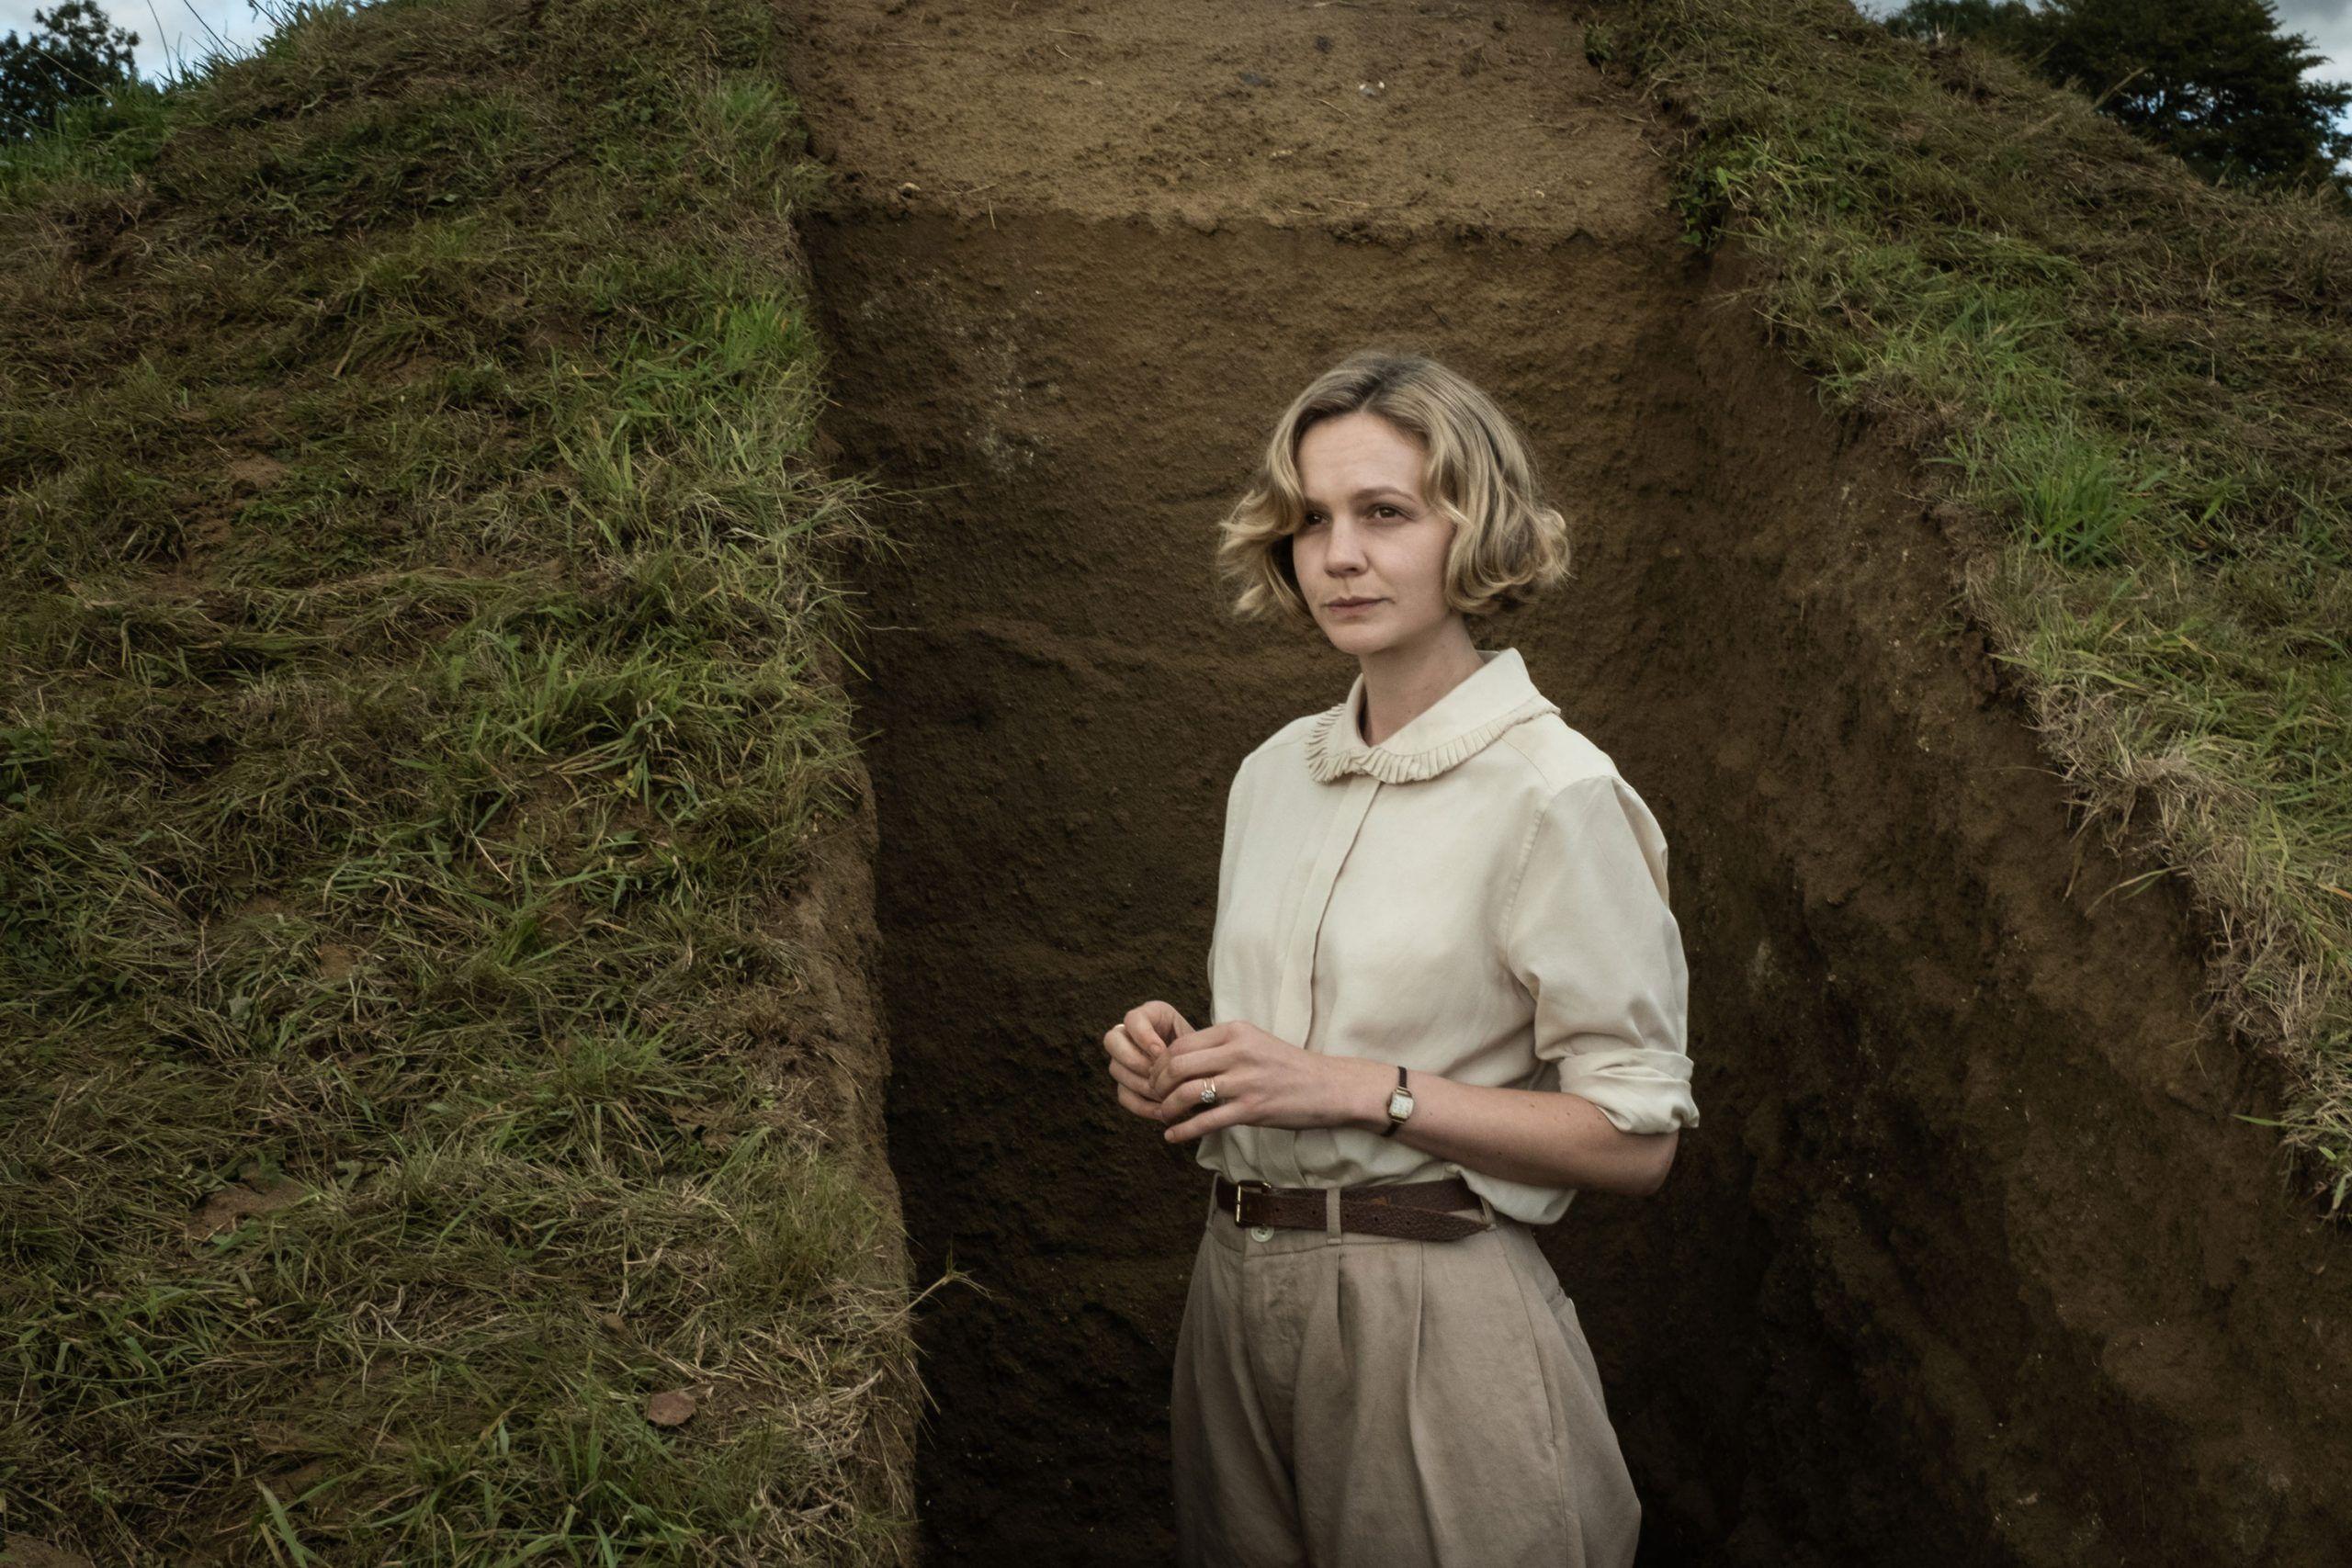 La Excavación, crítica de cine, filmfilicos blog de cine.